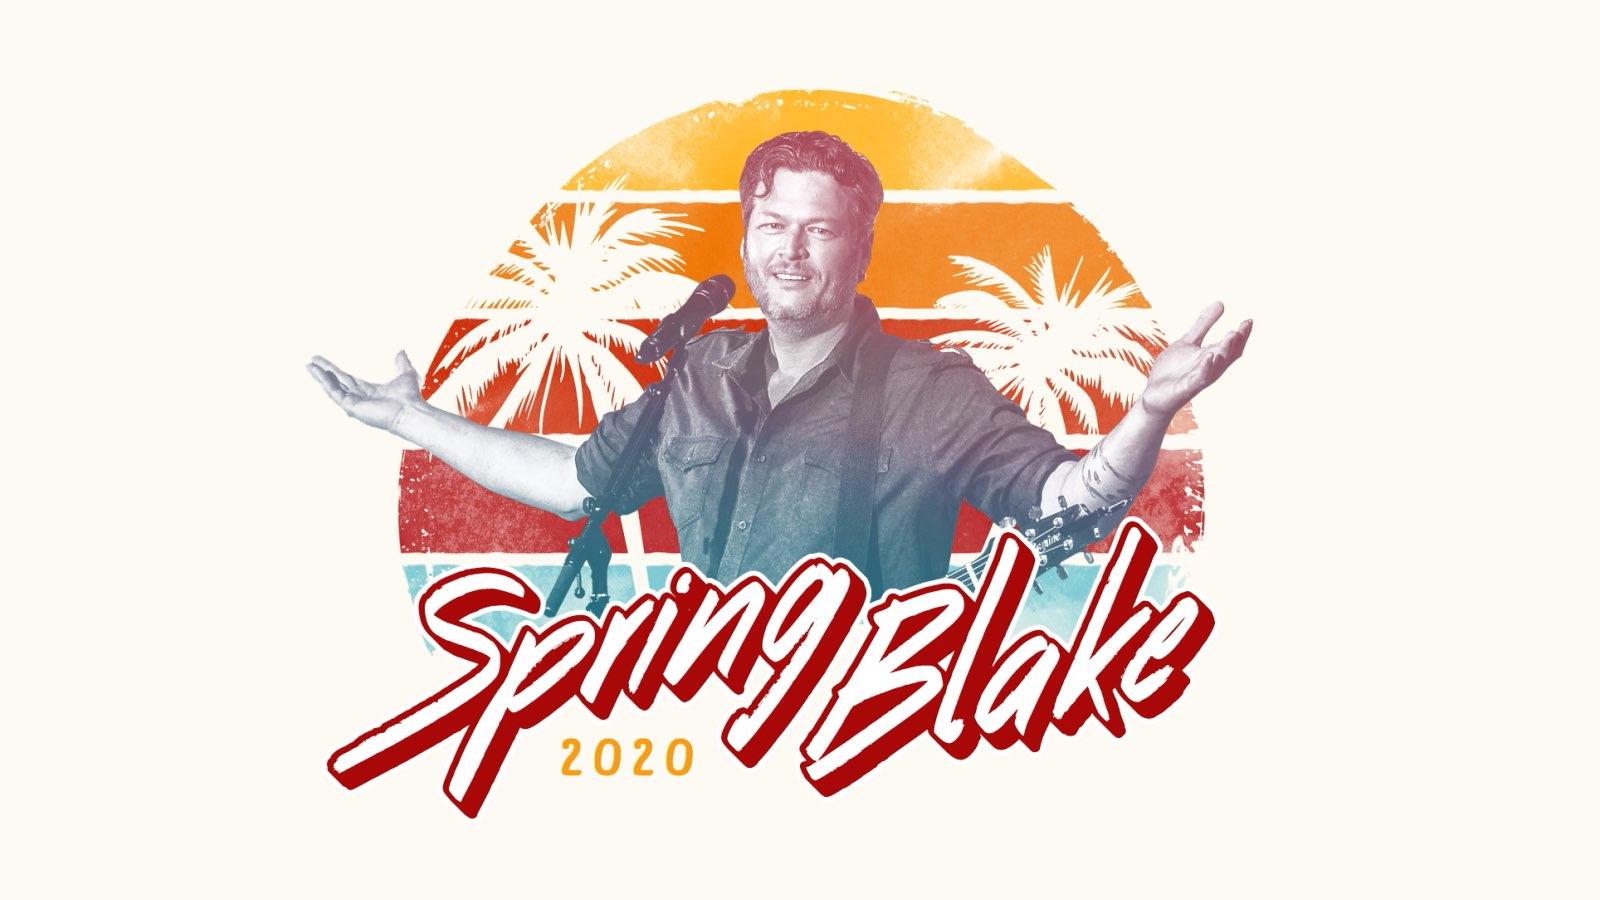 Spring Blake 2020